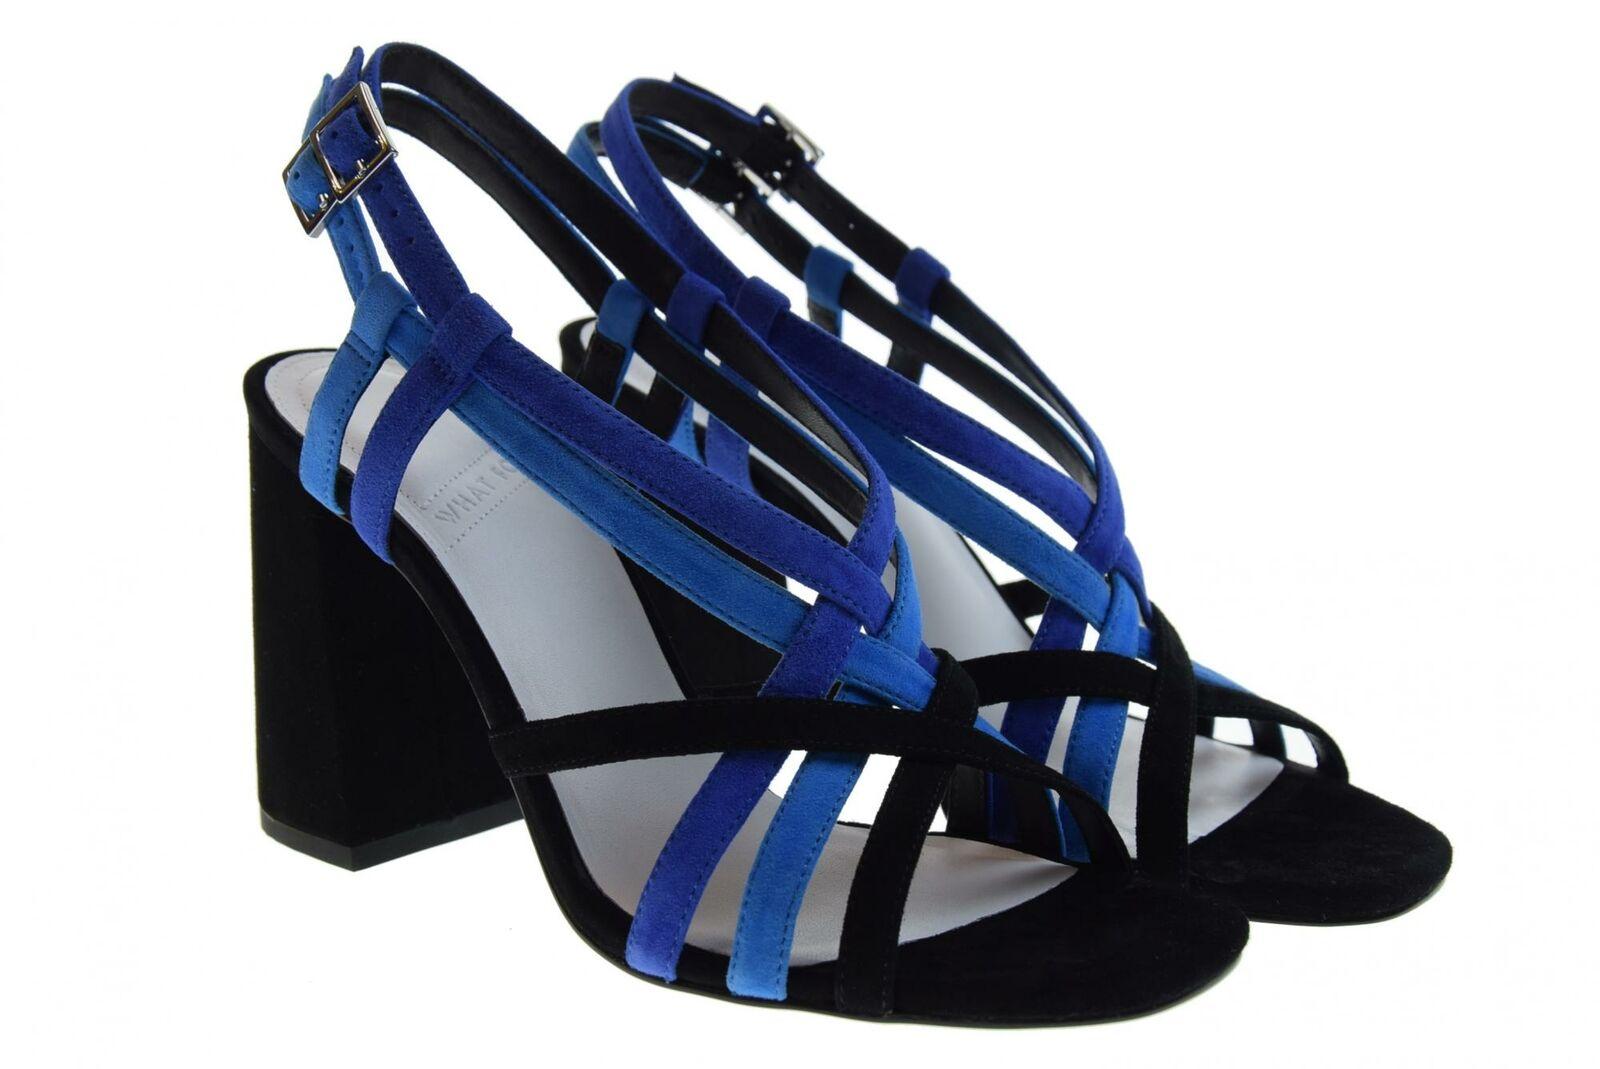 Cosa per le calzature p19 per  le donne sandali piegati Lily wf219086  vendita calda